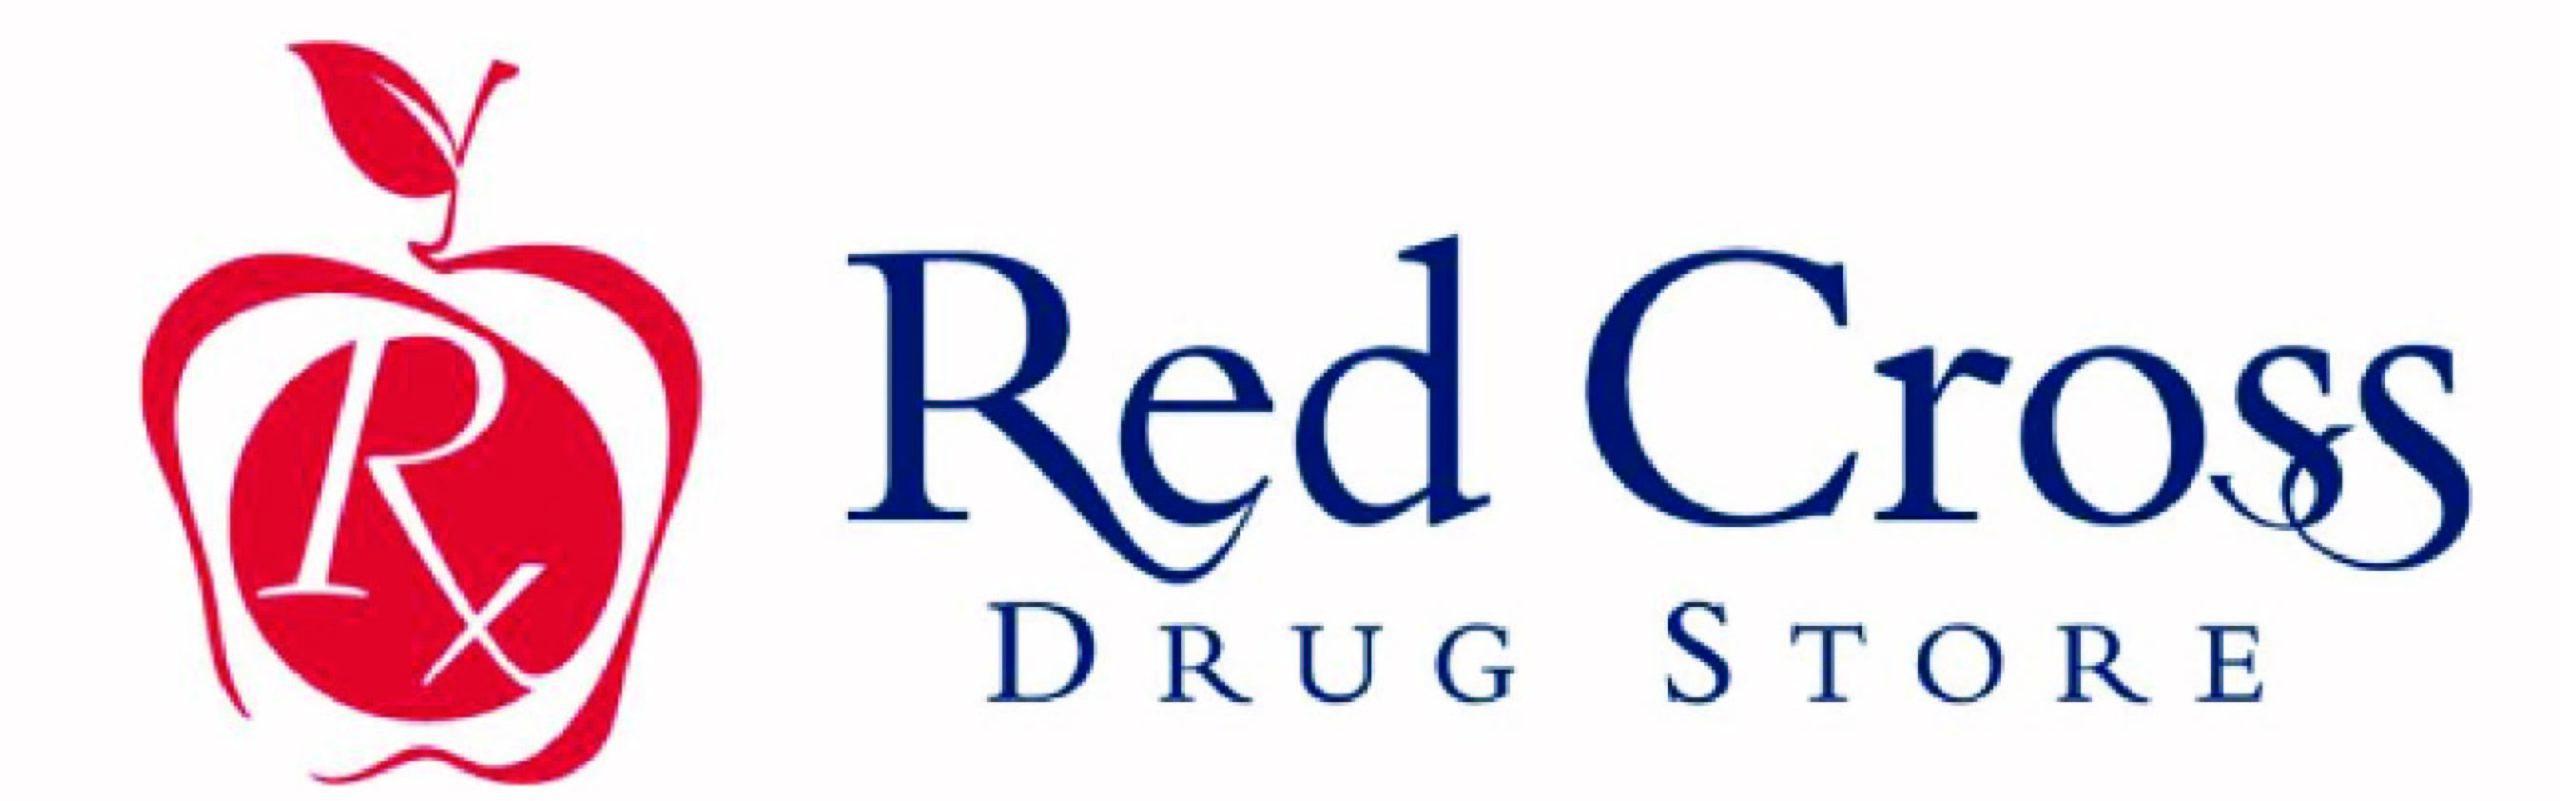 red cross drug